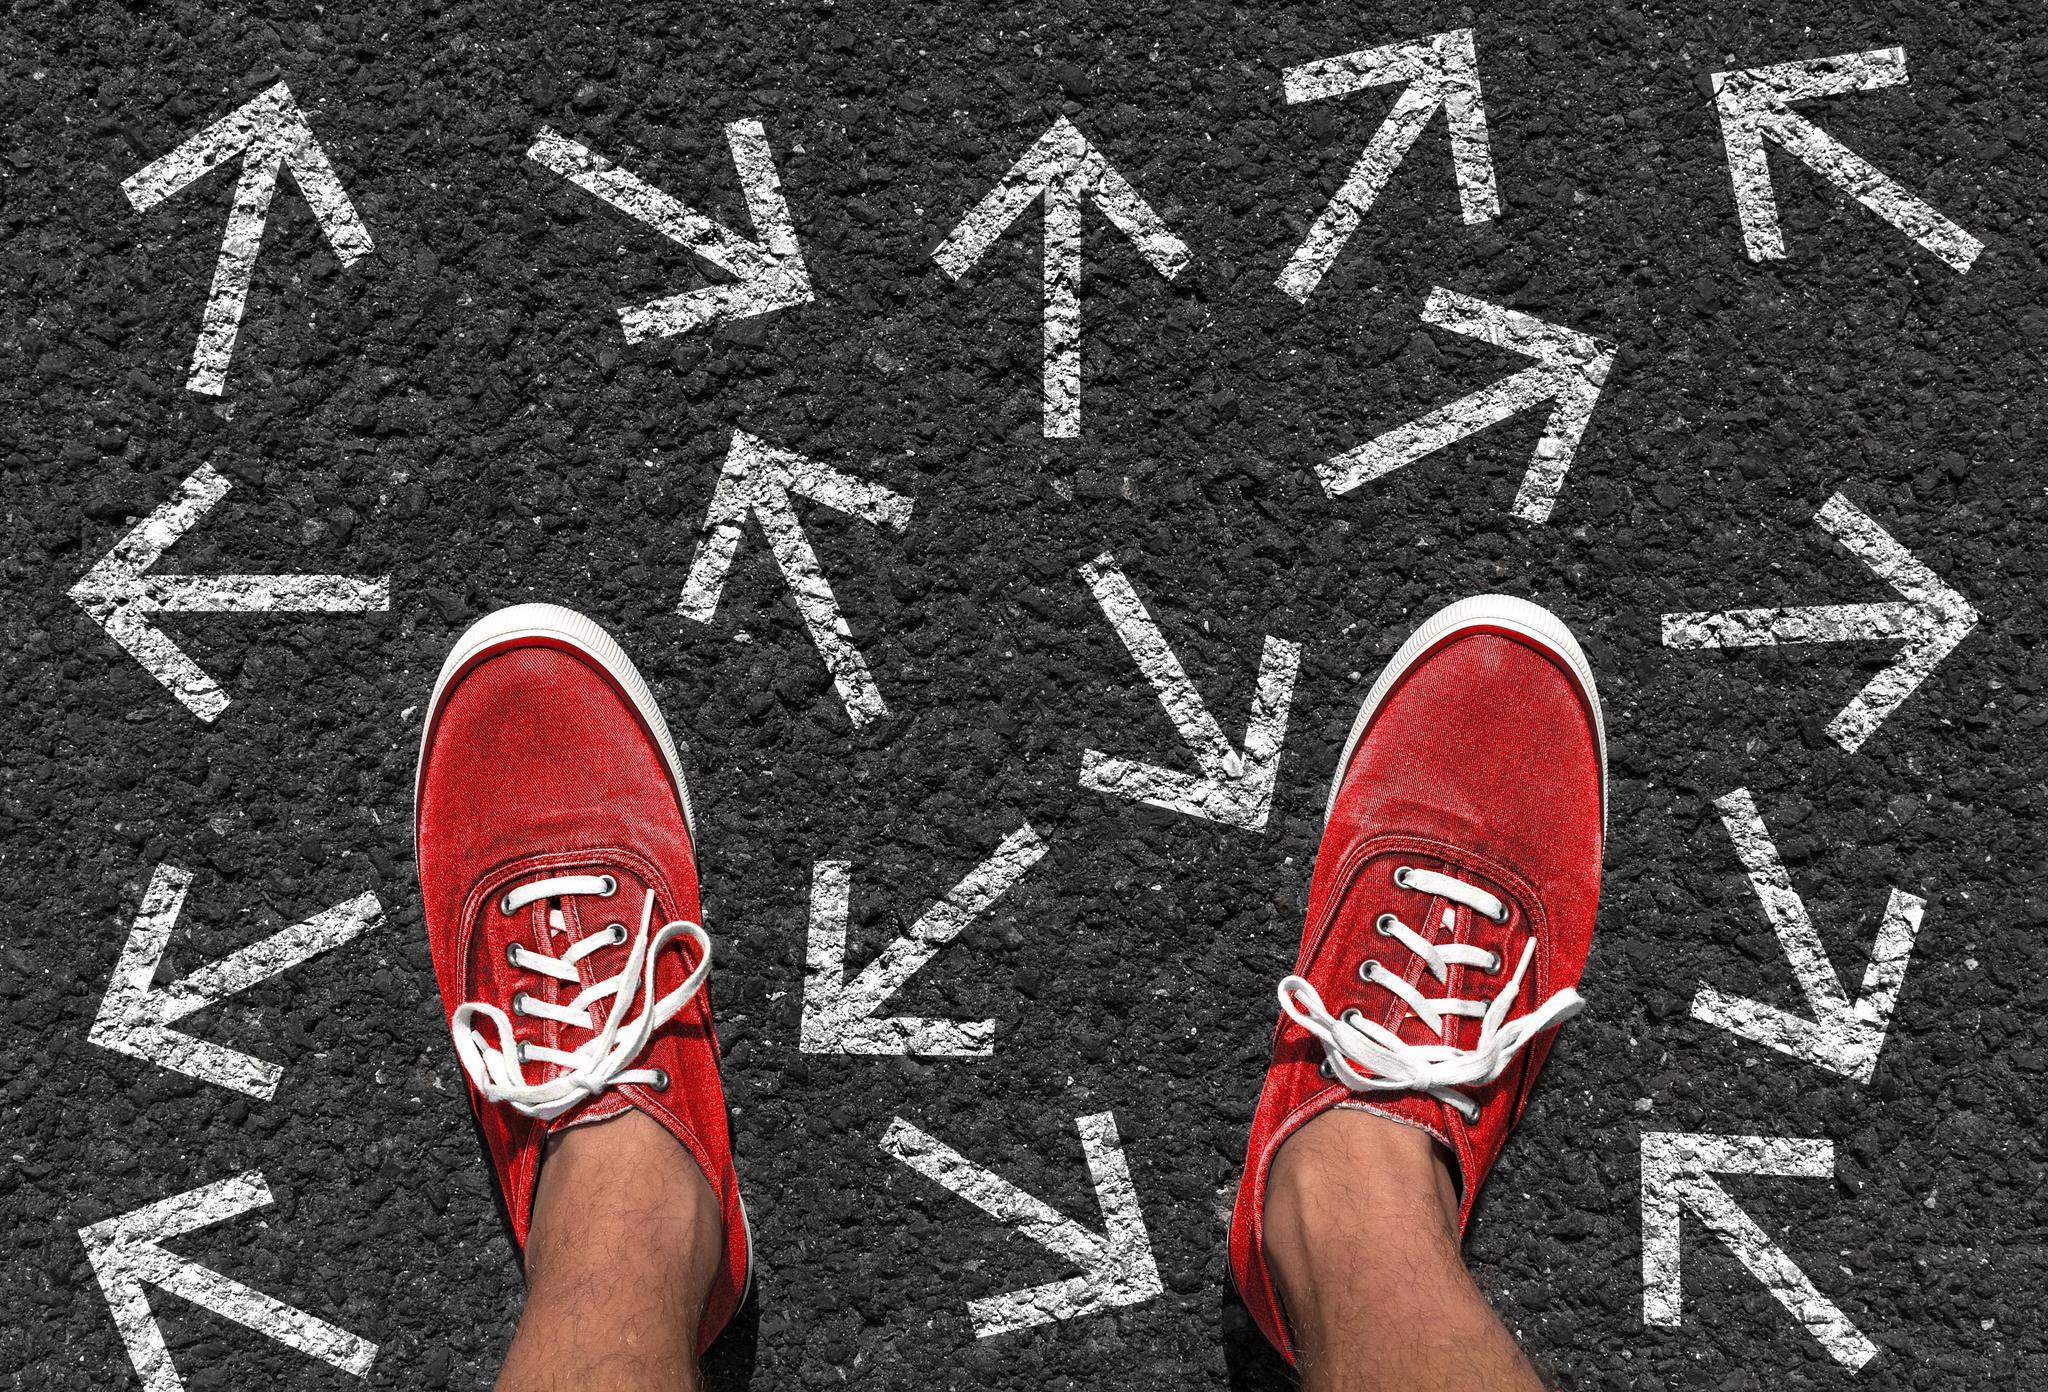 Ein Paar Füße in roten Turnschuhen auf Asphalt, auf dem weiße Pfeile in verschiedene Richtungen zeigen